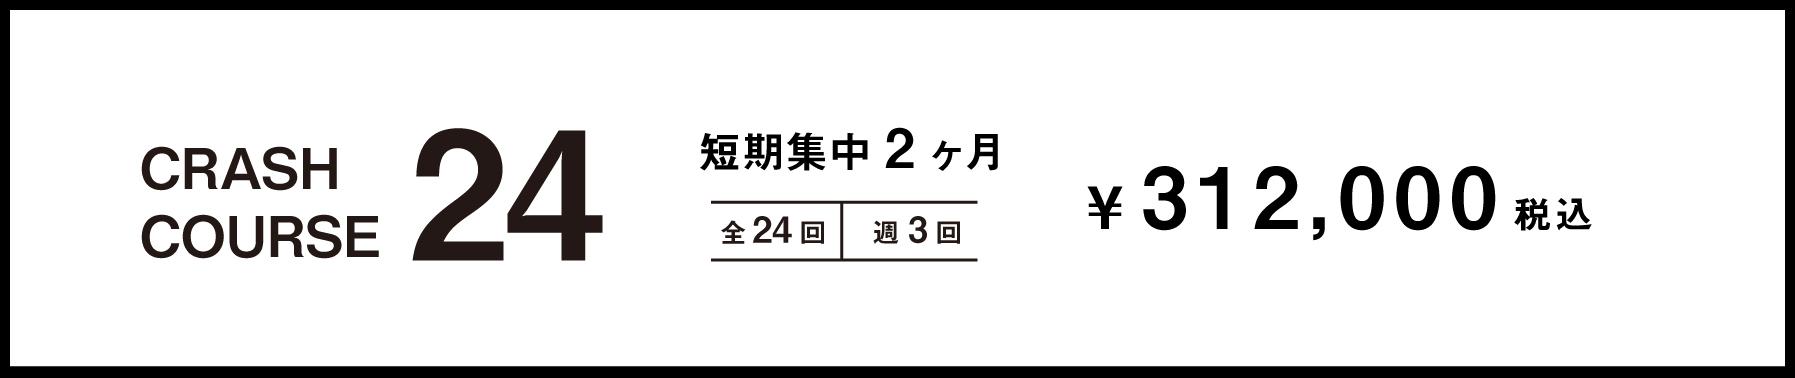 短期集中2ヶ月 全24回 週3回 312,000円+TAX